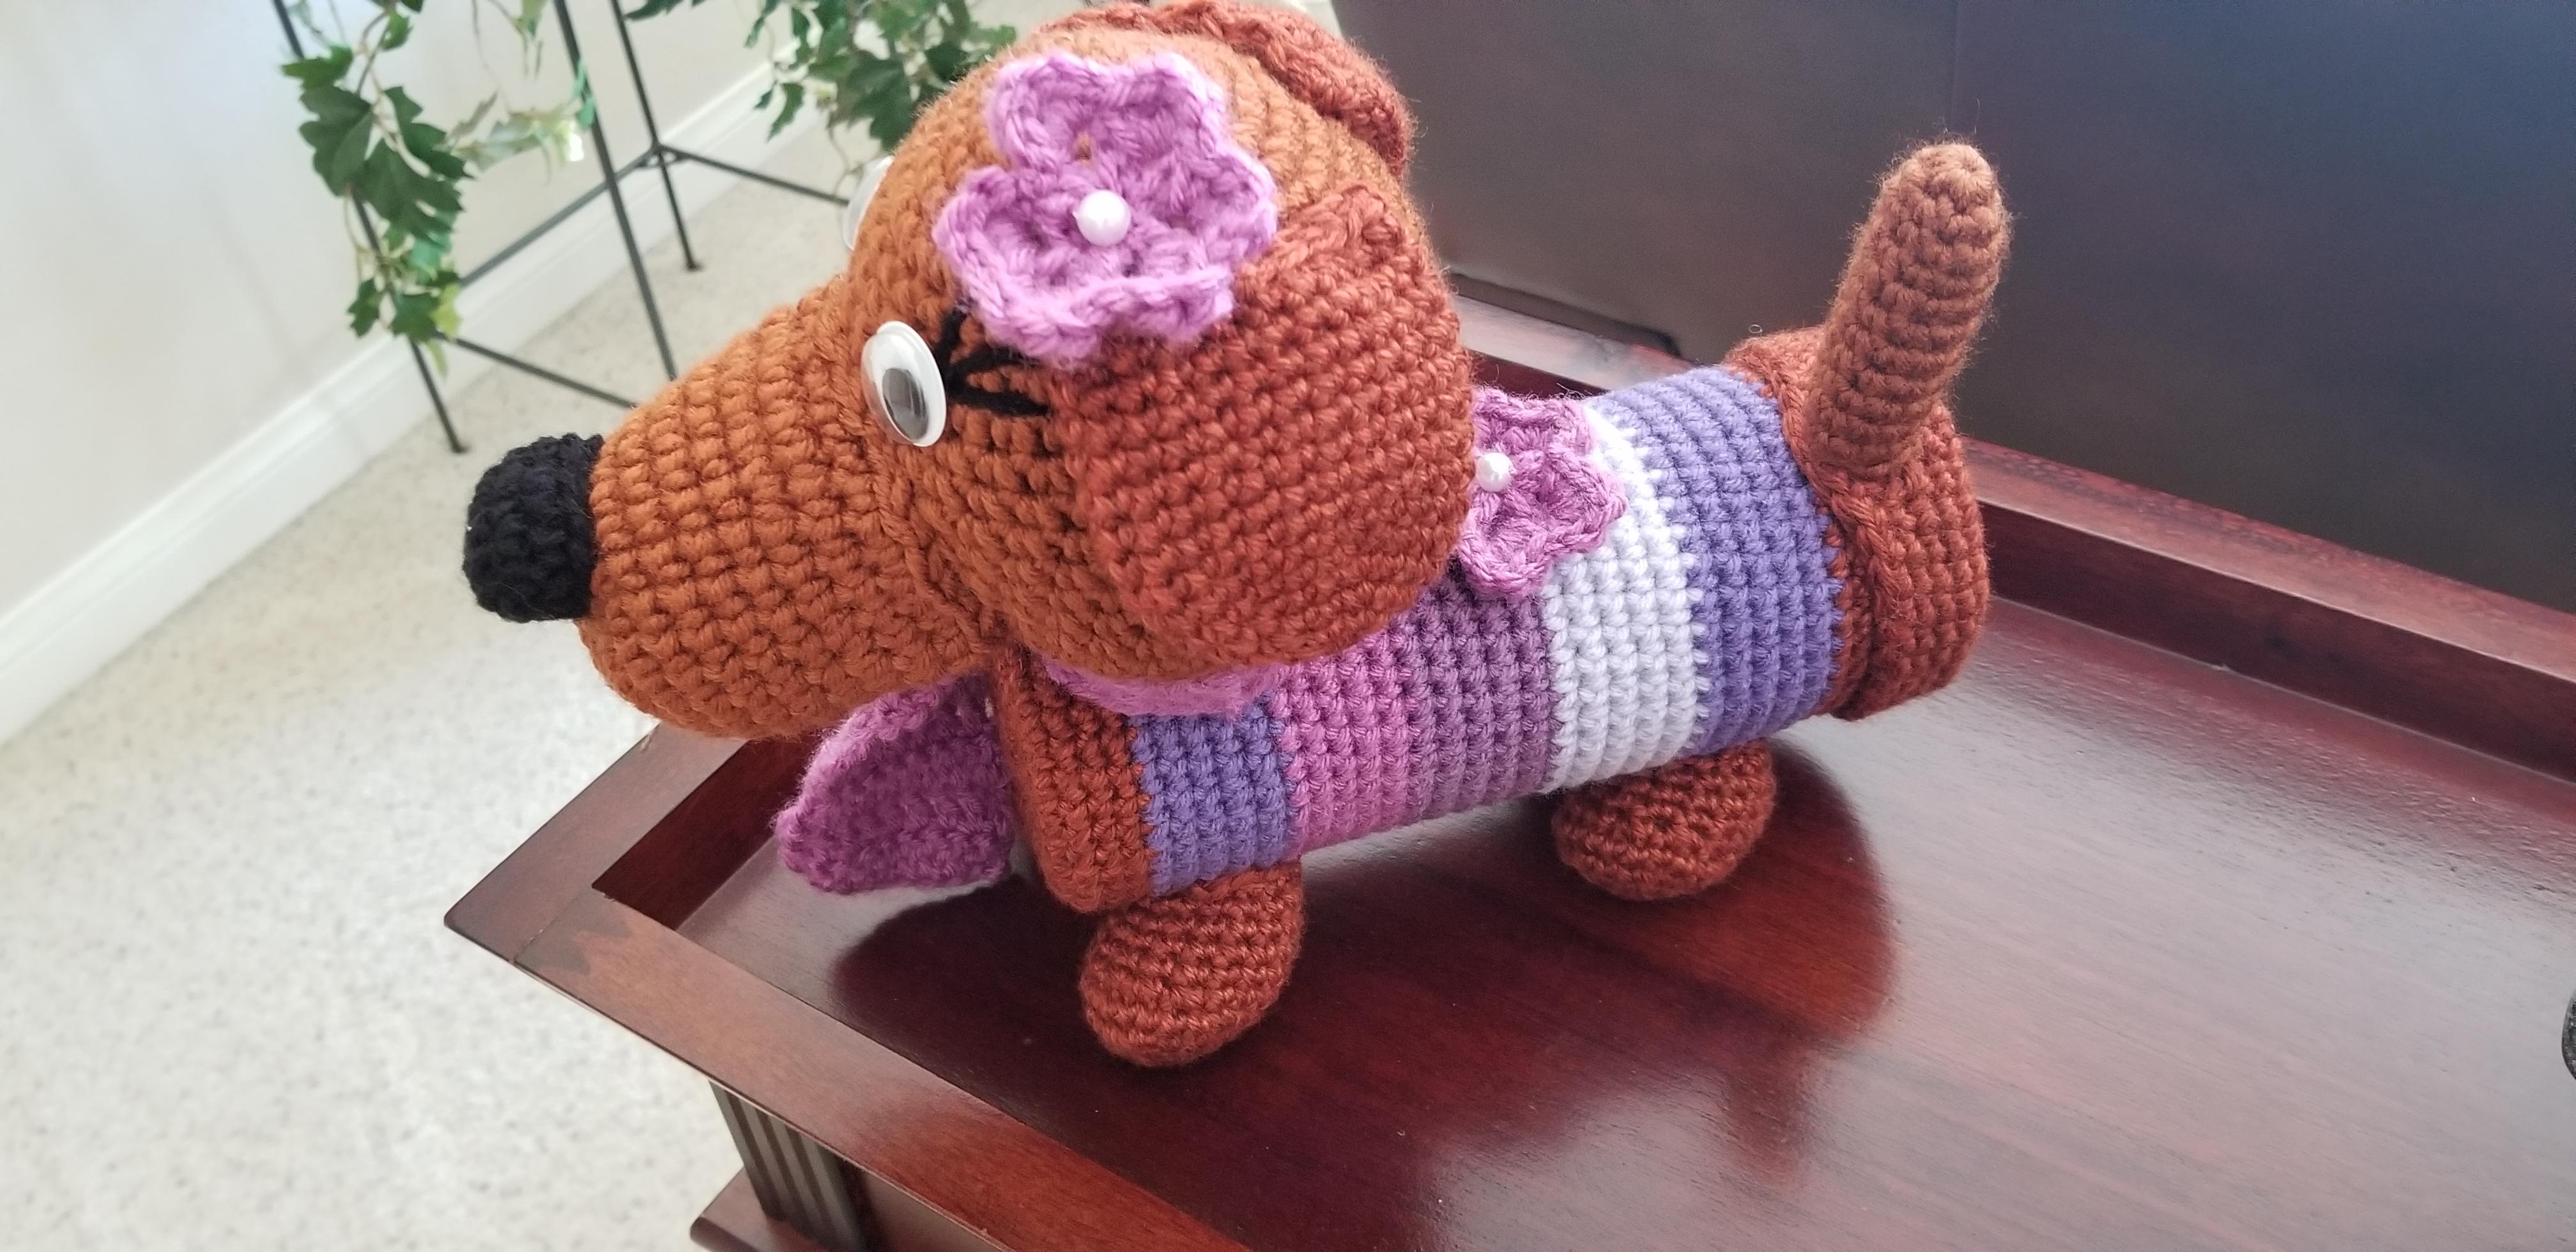 DIY Crochet Amigurumi Puppy Dog Stuffed Toy Free Patterns | 1960x4032